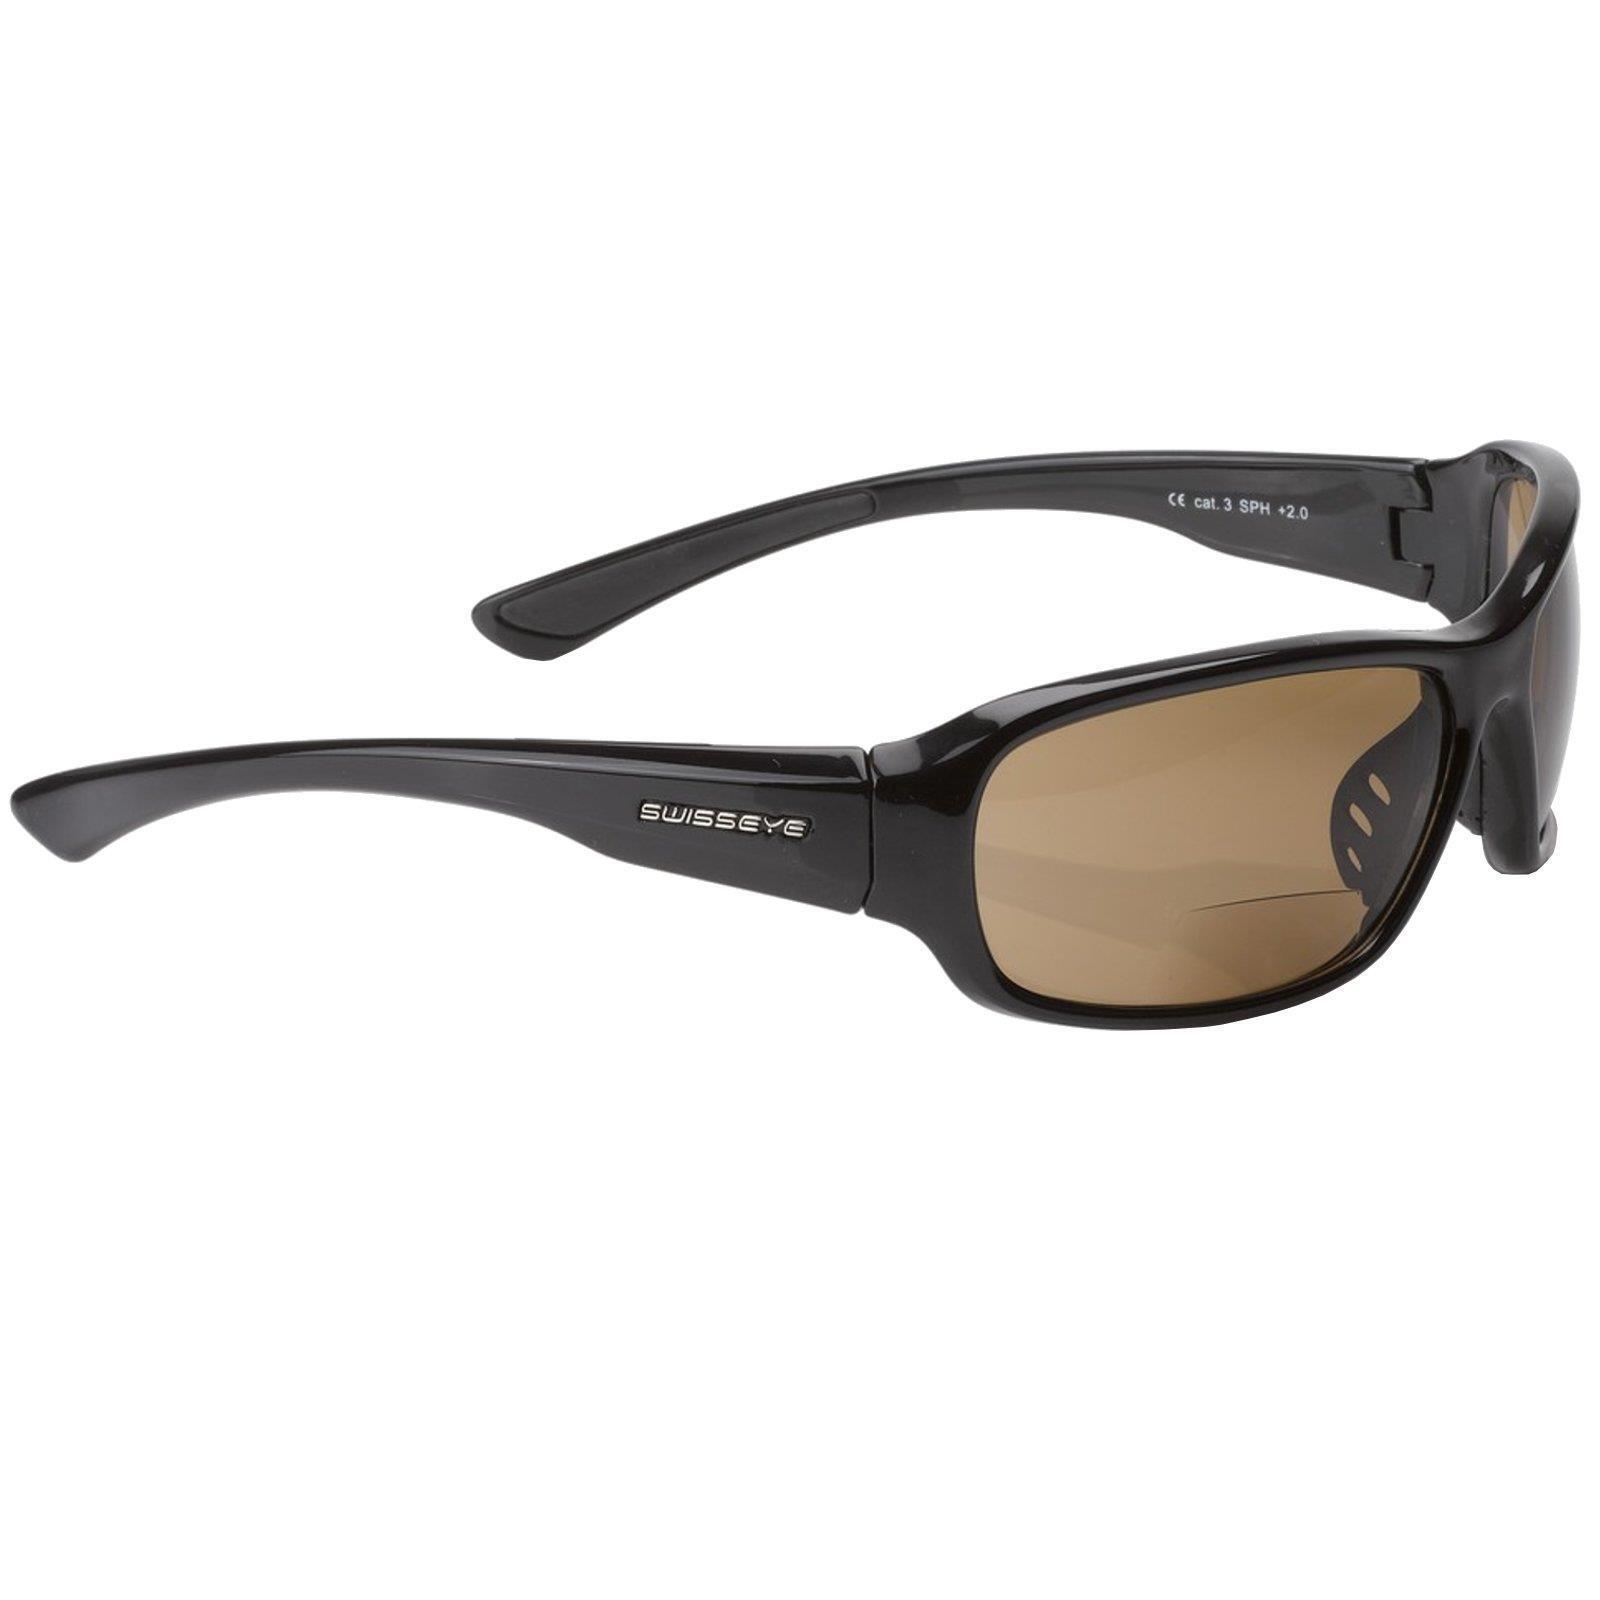 Swisseye Freeride Bifocal Fahrrad Sport Brille 2,0 dpt Lesehilfe Sonnenbrille